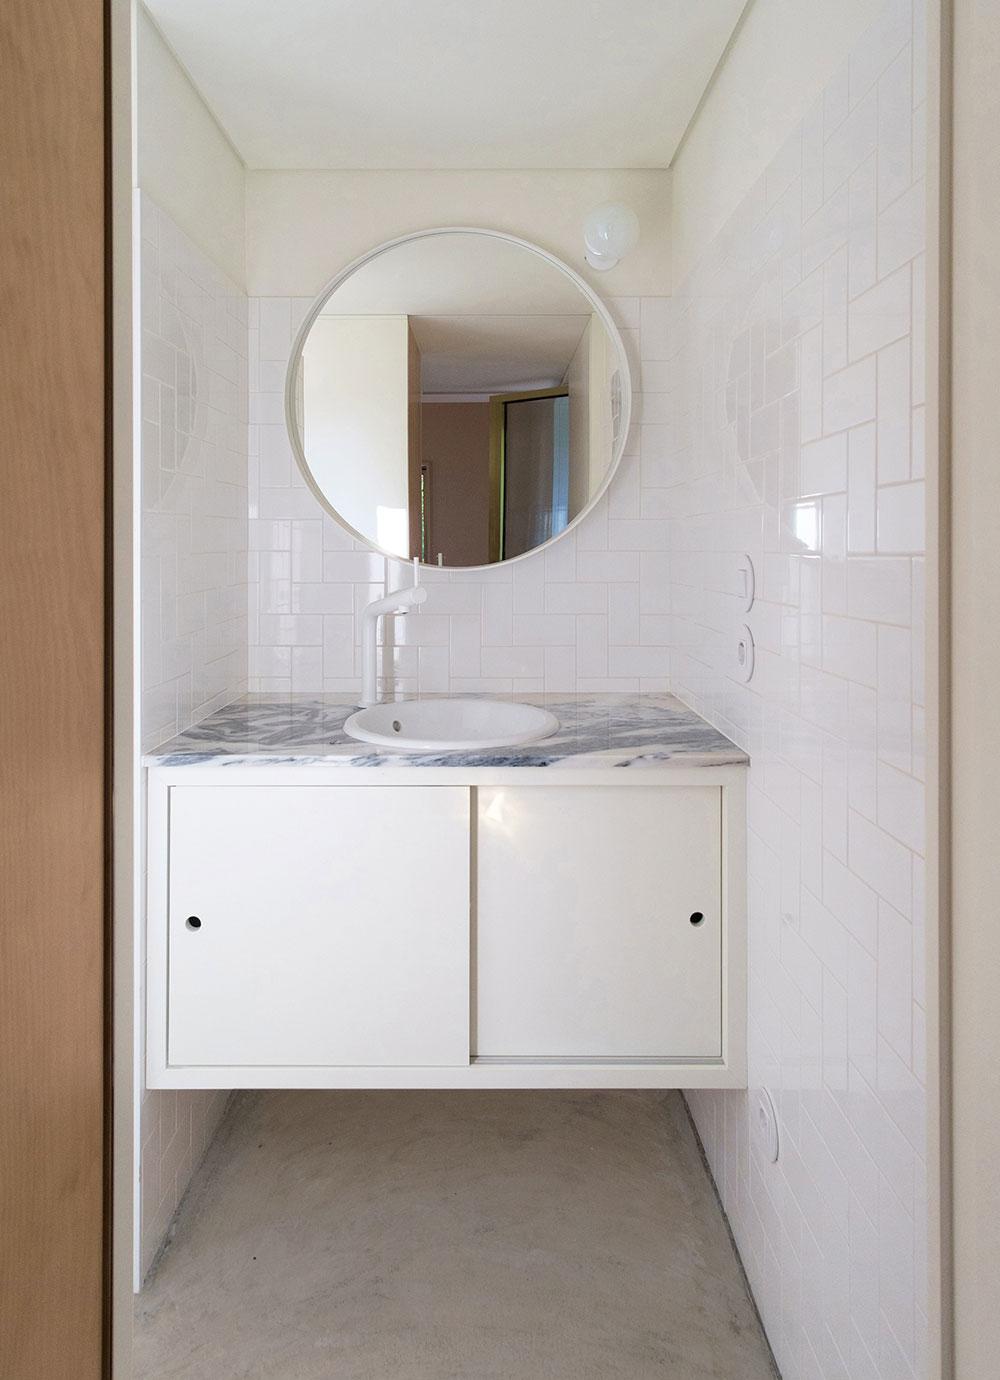 kúpeľňa s bielymi obkladačkami a mramorovou dlažbou